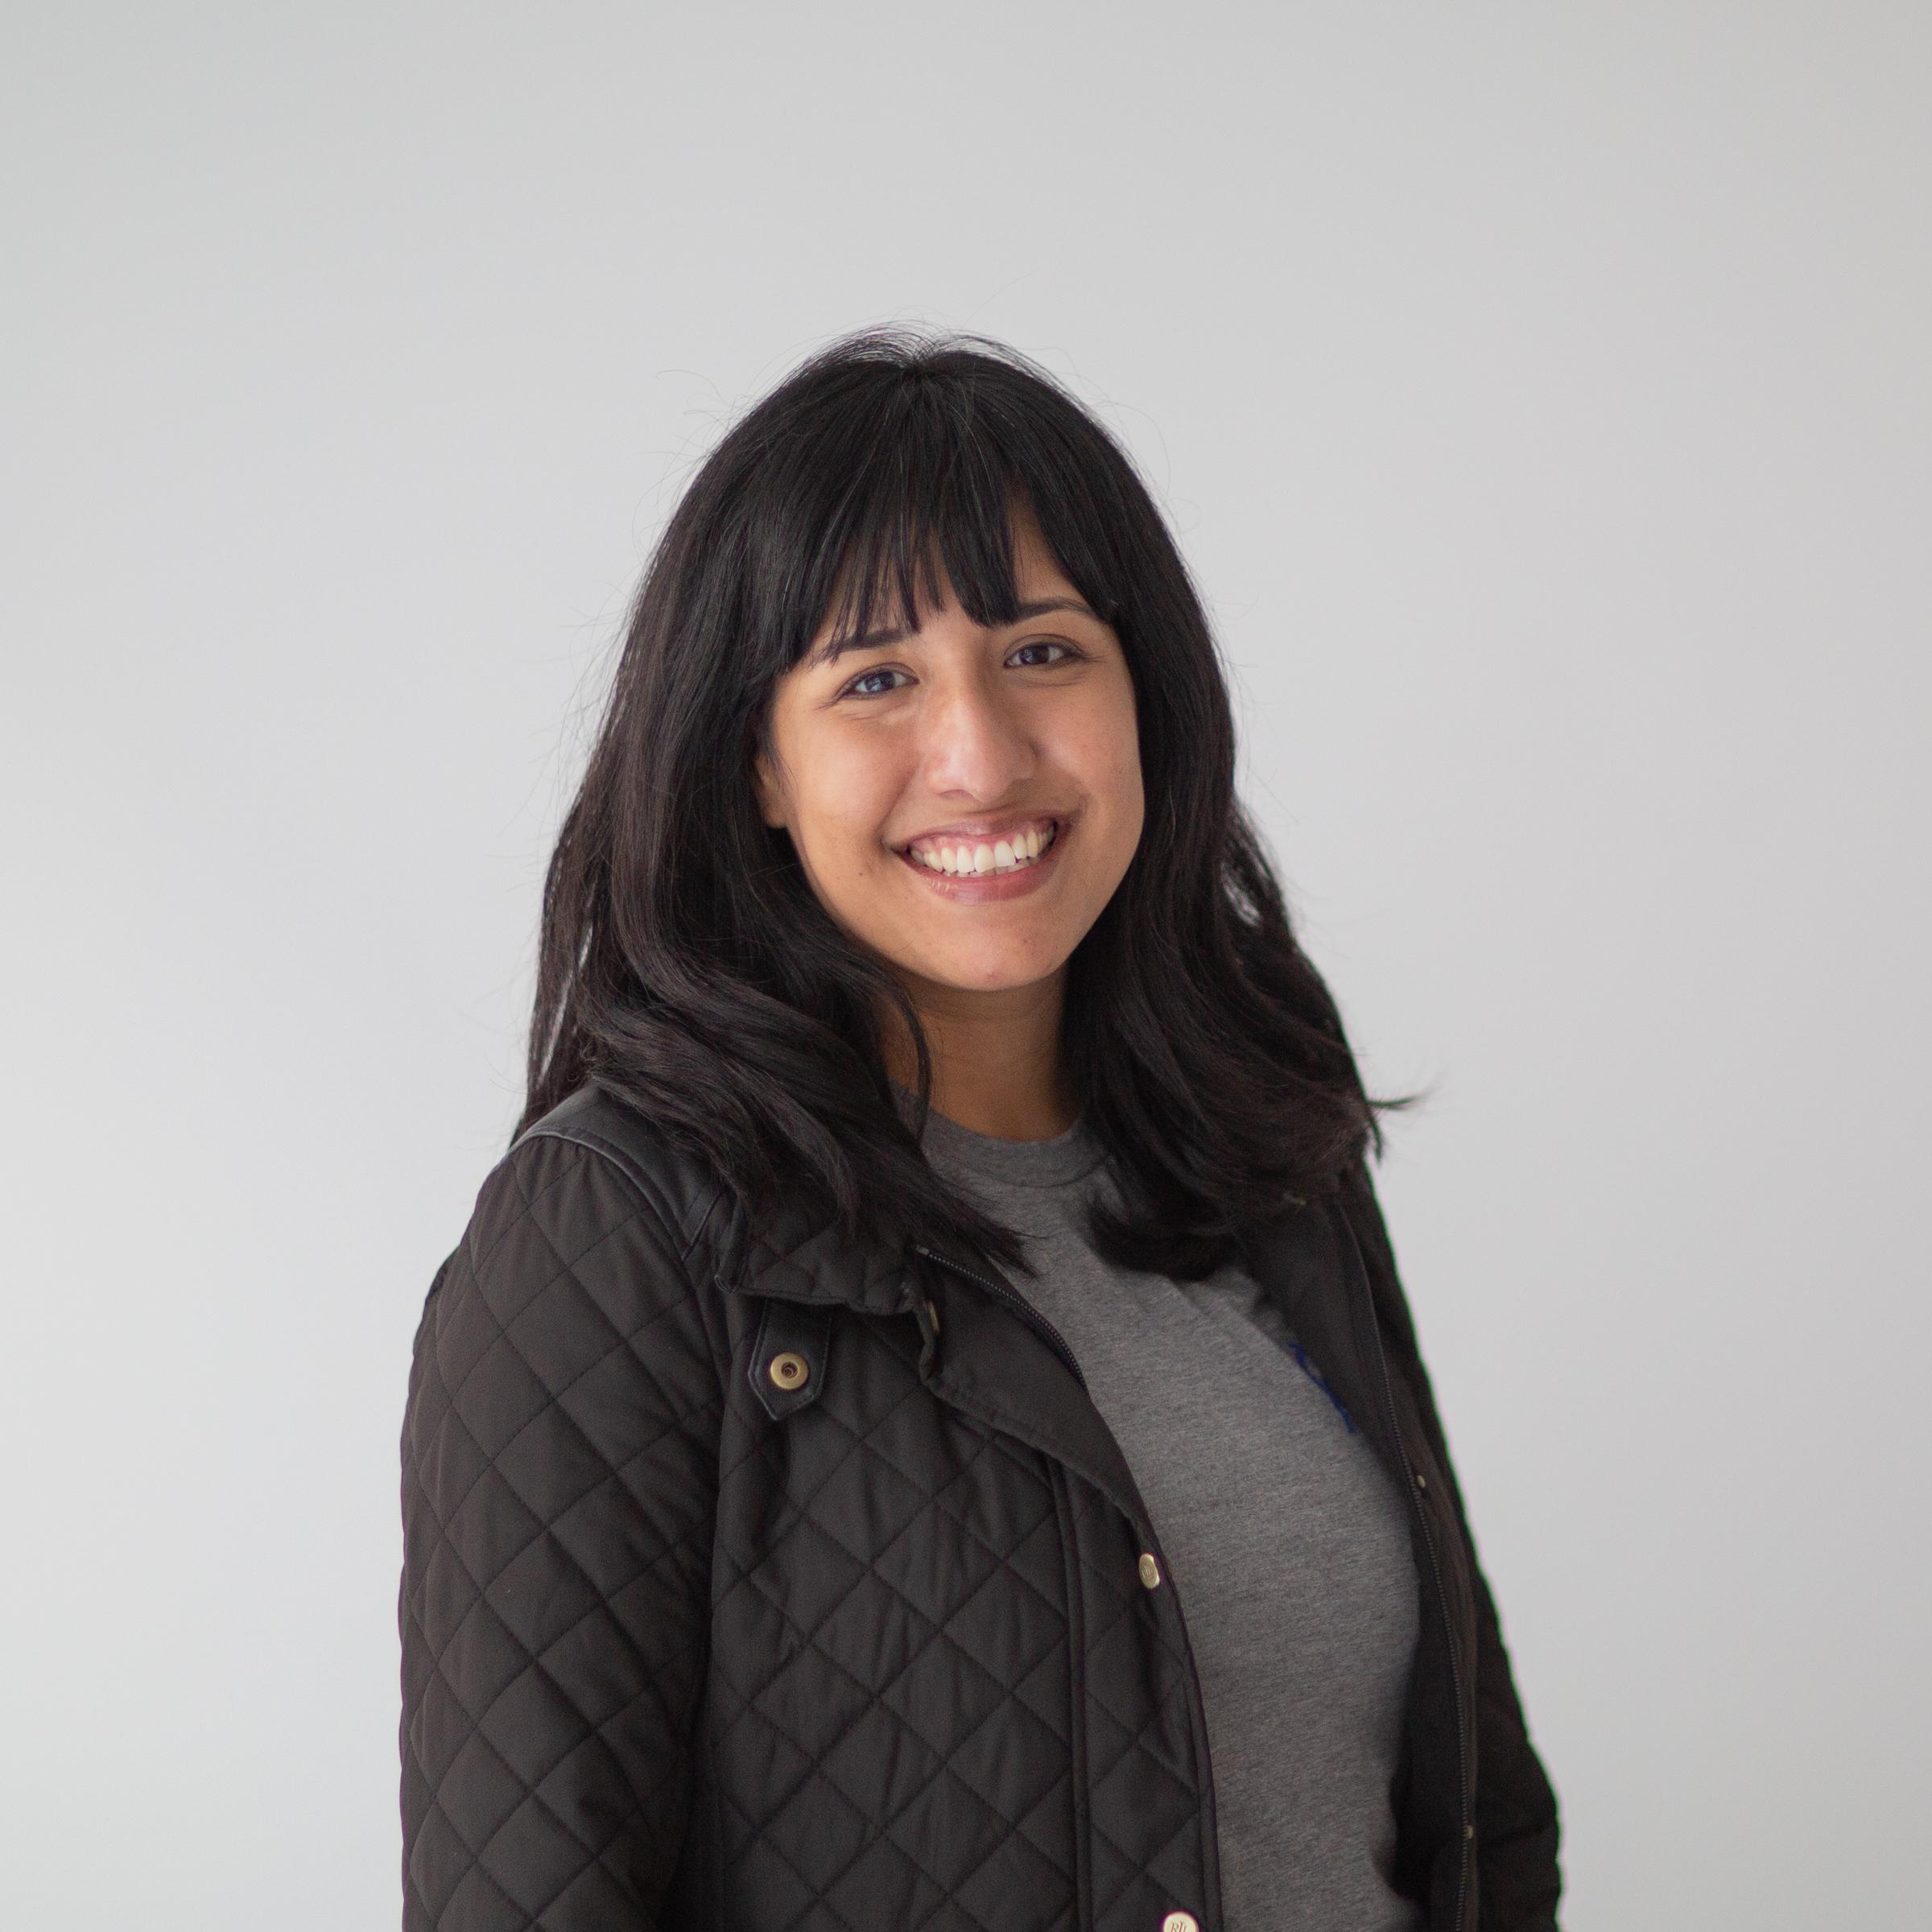 Erika Perez Valle.jpg